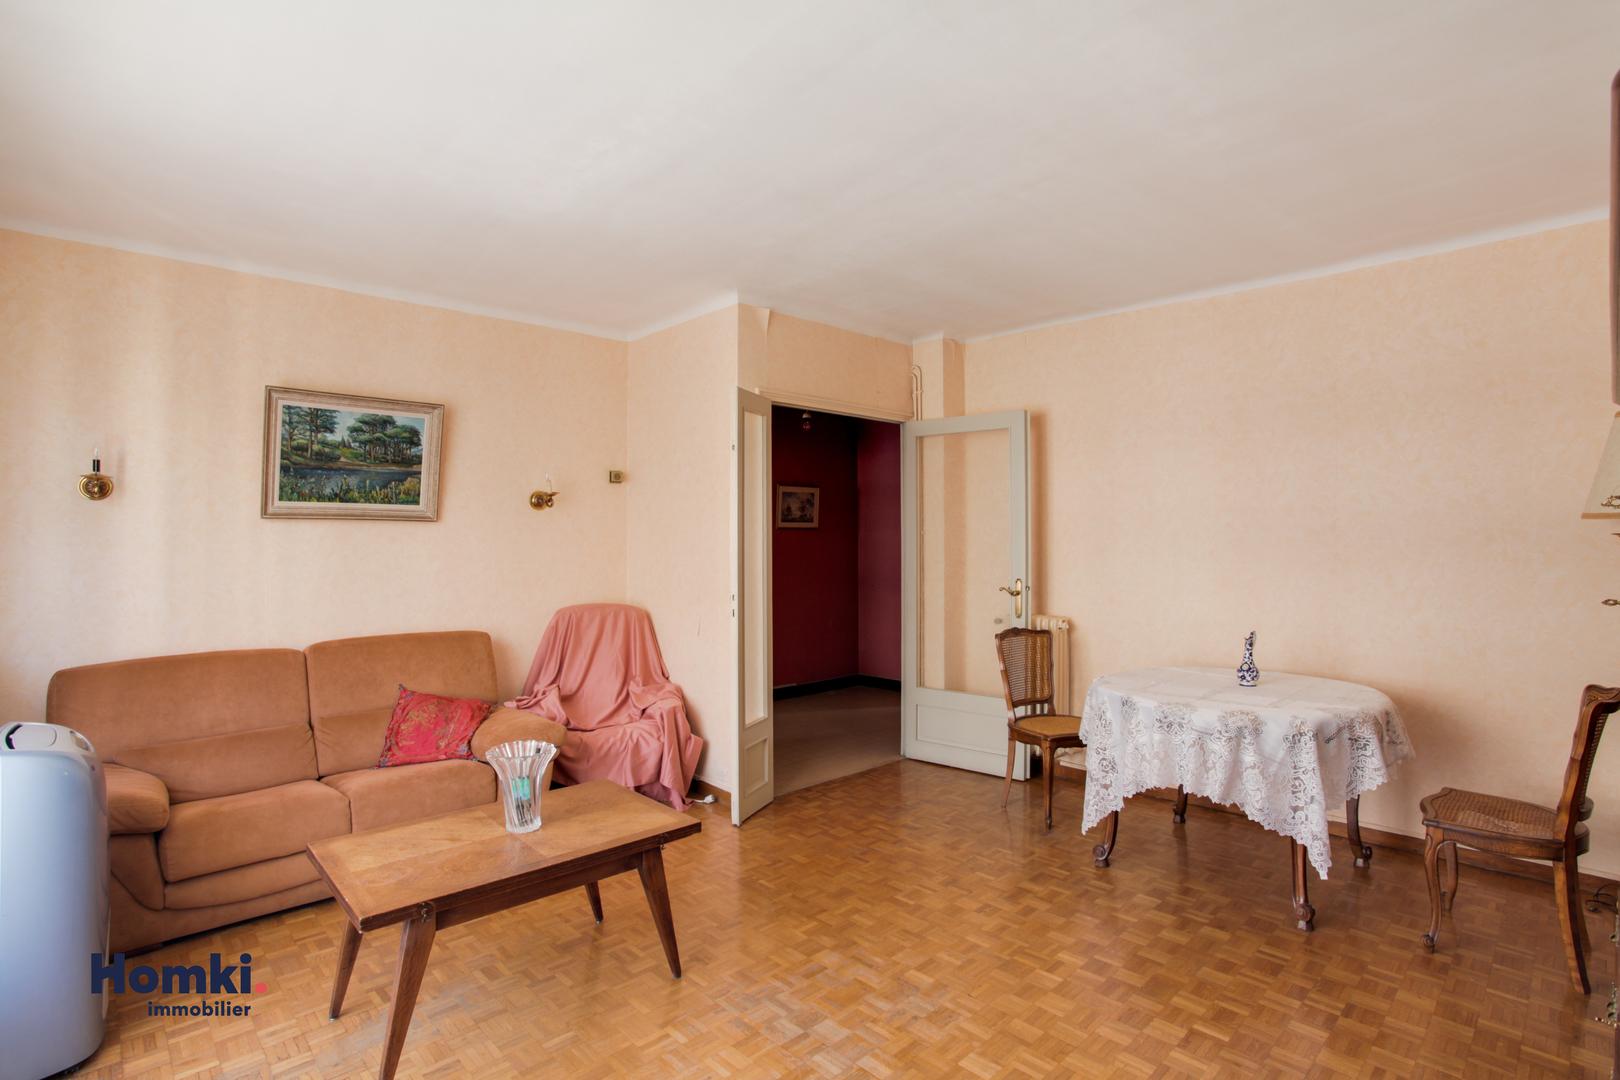 Vente Appartement 86 m² T4 13005_3